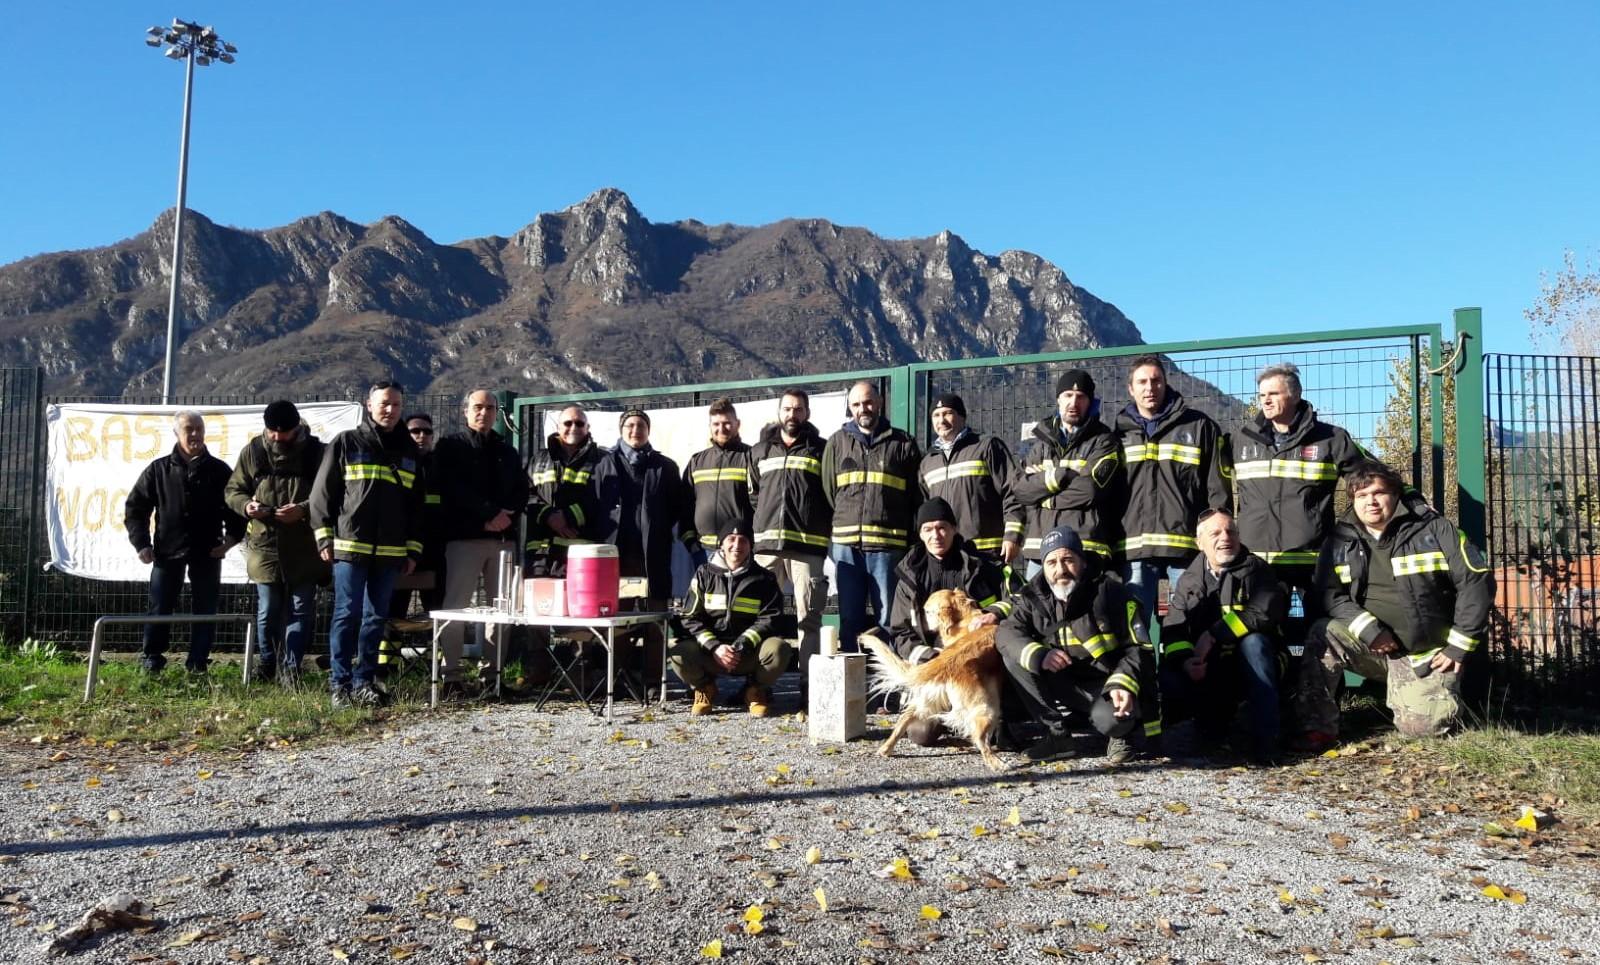 Siti di incontri gratuiti per pompiere